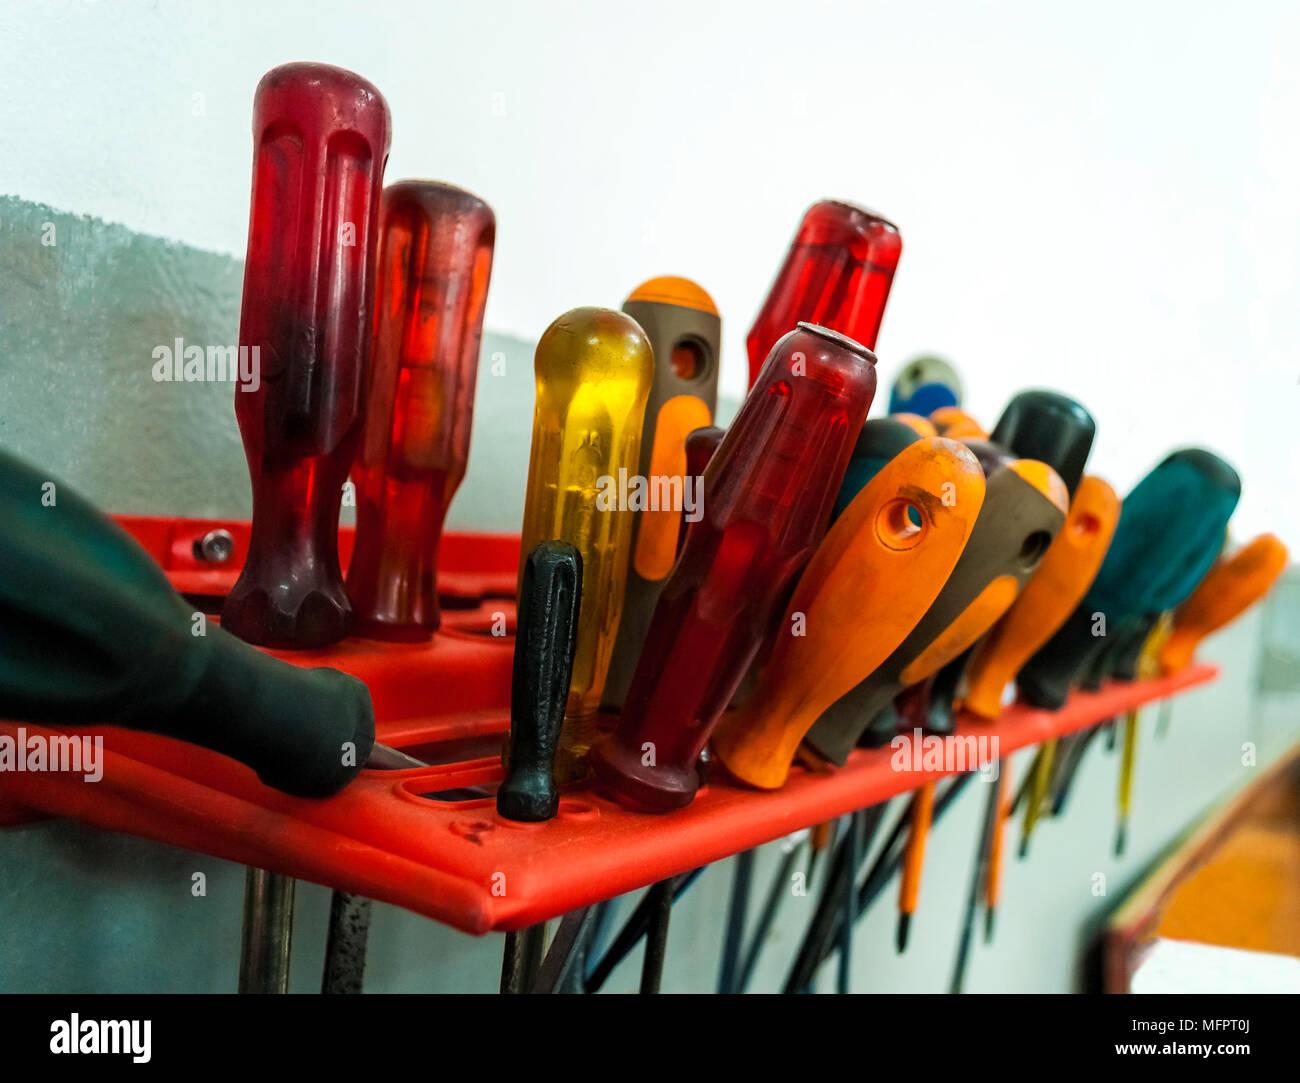 Los asientos en las herramientas de soporte de herramienta de pared en privado taller mecánico, sucio de usar. Copie el espacio. Concepto de empresario. Foto de stock